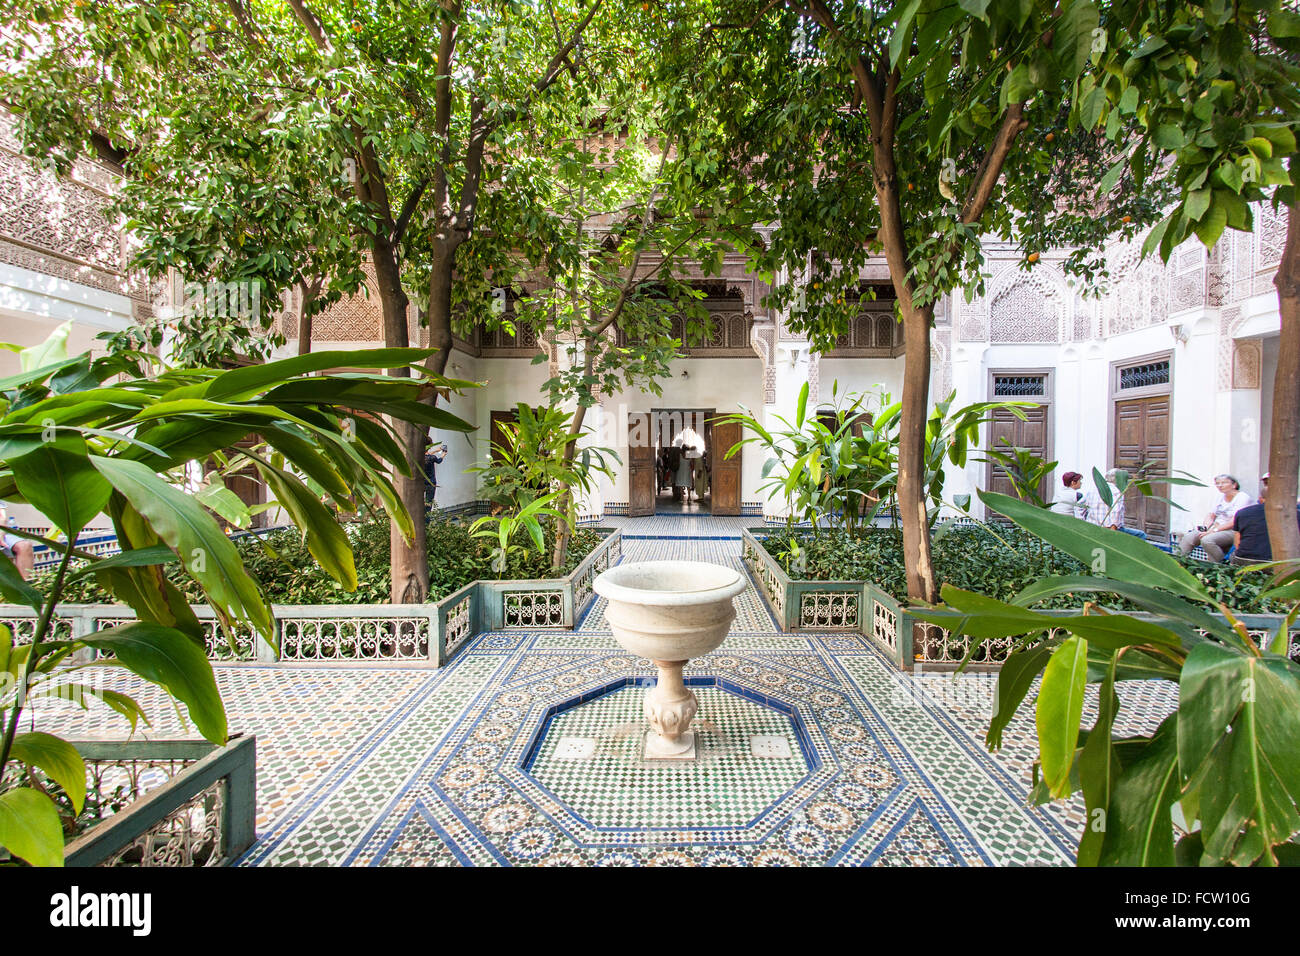 Innenhof der Bahia Palast in Marrakesch, Marokko. Stockbild